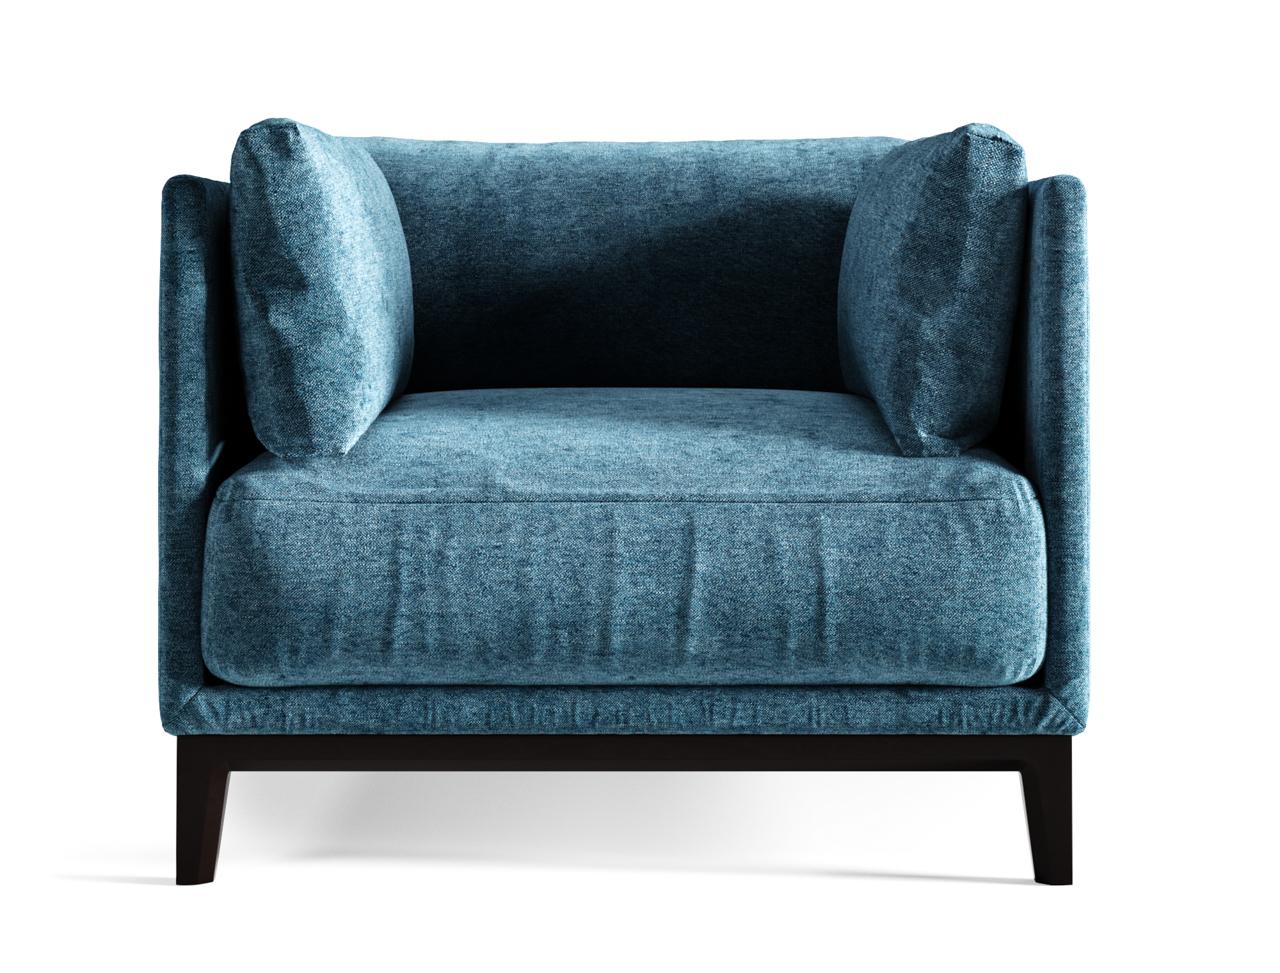 Кресло CaseИнтерьерные кресла<br>Кресло CASE подойдёт в любые интерьеры благодаря современному дизайну и эргономичному наполнителю. А также может стать отличным дополнением к дивану CASE.Объемные подушки из прорезиненного пенополиуретана нескольких степеней жесткости вместе с удобной глубокой посадкой создают необычайно комфортную зону отдыха и легко восстанавливают форму. Все чехлы съемные, их легко стирать. Кресло CASE доступно к заказу в нескольких категориях ткани и с 6 вариантами тонировки ножек.&amp;lt;div&amp;gt;&amp;lt;br&amp;gt;&amp;lt;/div&amp;gt;&amp;lt;div&amp;gt;&amp;lt;div&amp;gt;Материал: Массив березы, фанера, обивка - ткань, прорезиненный пенополиуретан, холлофайбер, пух-перо&amp;lt;/div&amp;gt;&amp;lt;/div&amp;gt;<br><br>Material: Текстиль<br>Ширина см: 94<br>Высота см: 80<br>Глубина см: 94